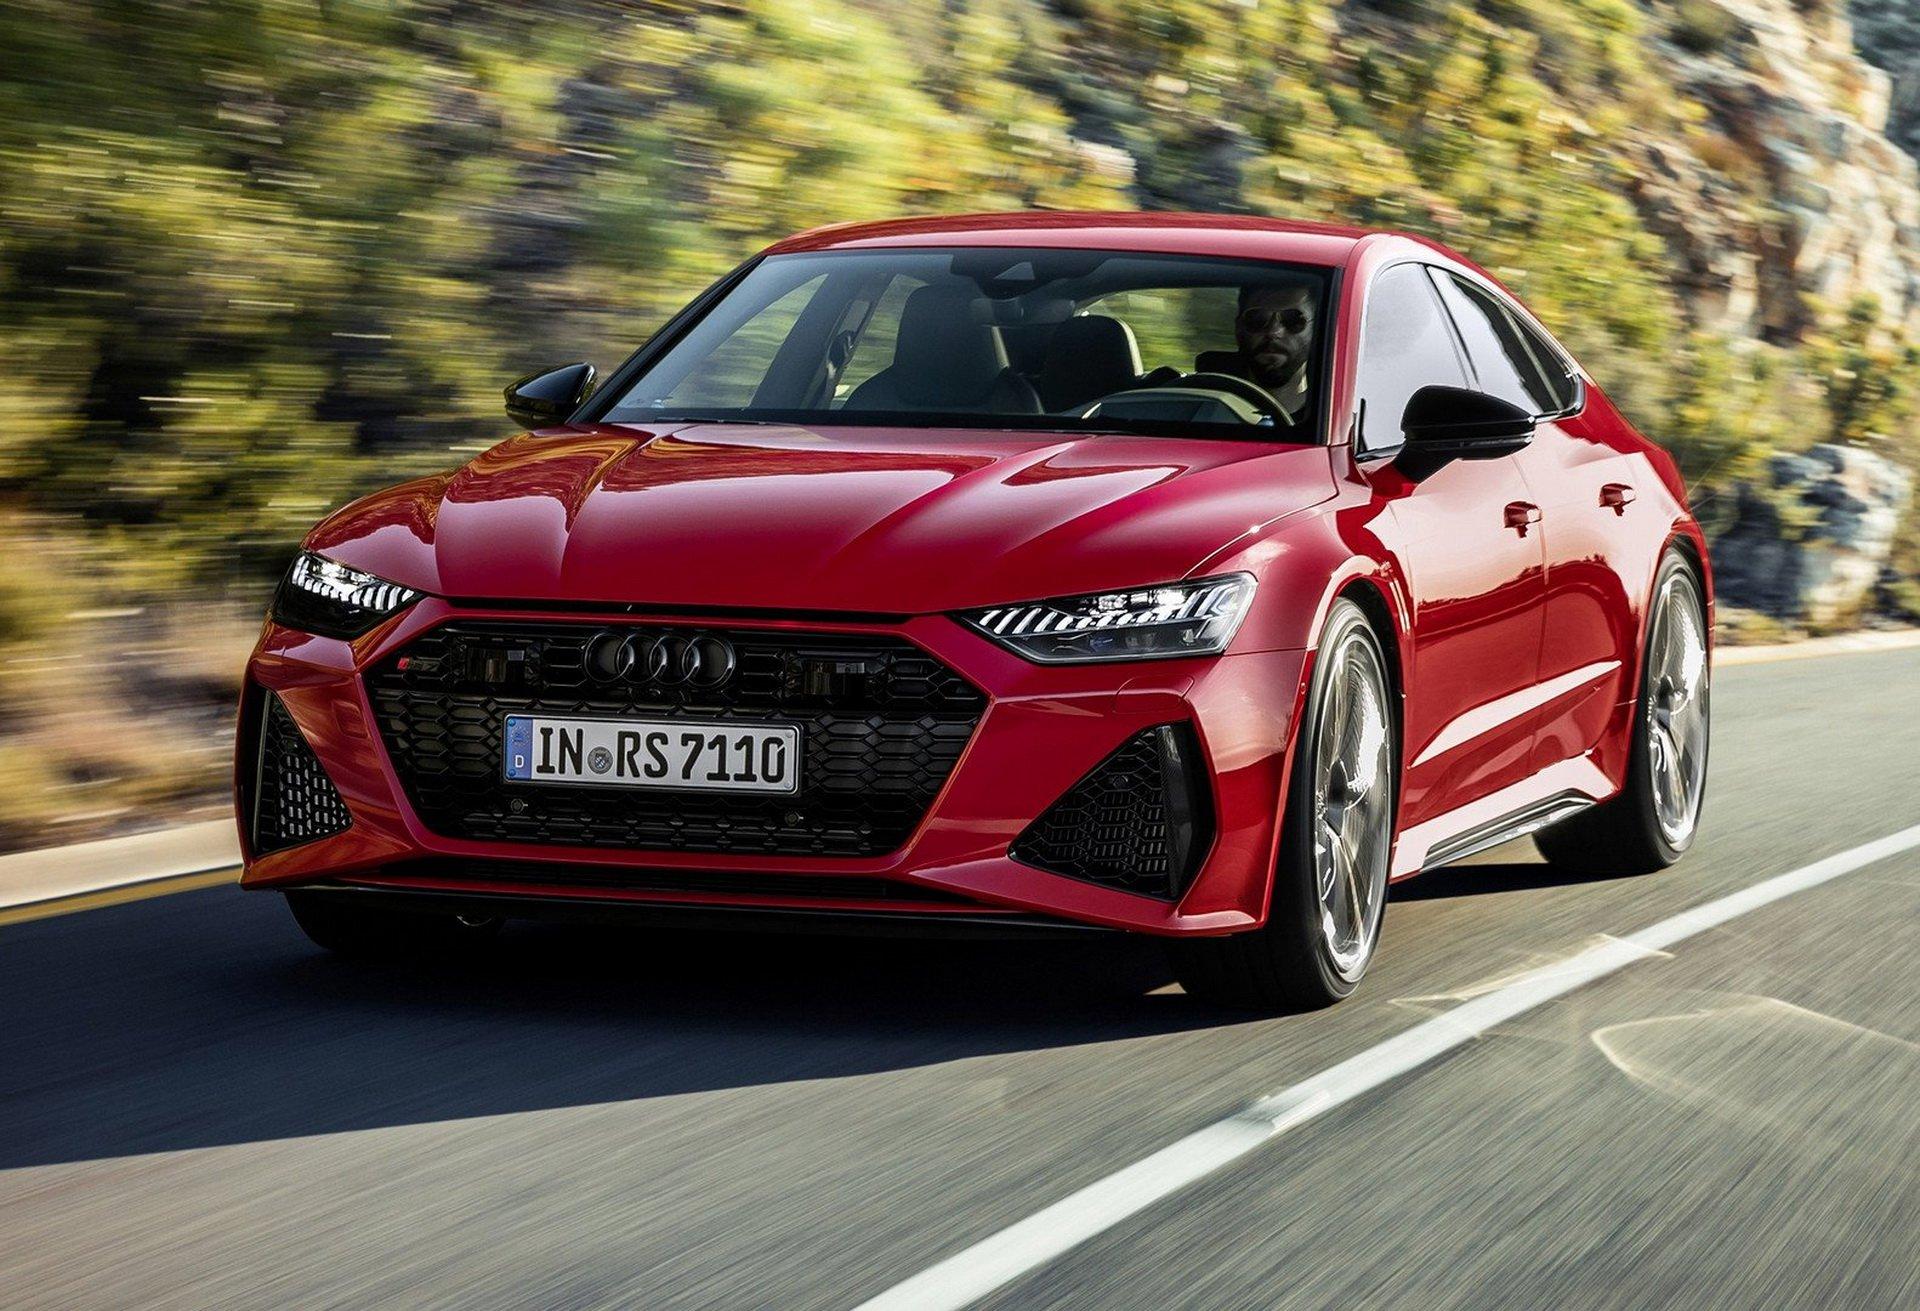 アウディ「A7」が最強最速モデルとなる新型「RS7」を発表!「RS」の名に恥じない600PSのエンジンを搭載!